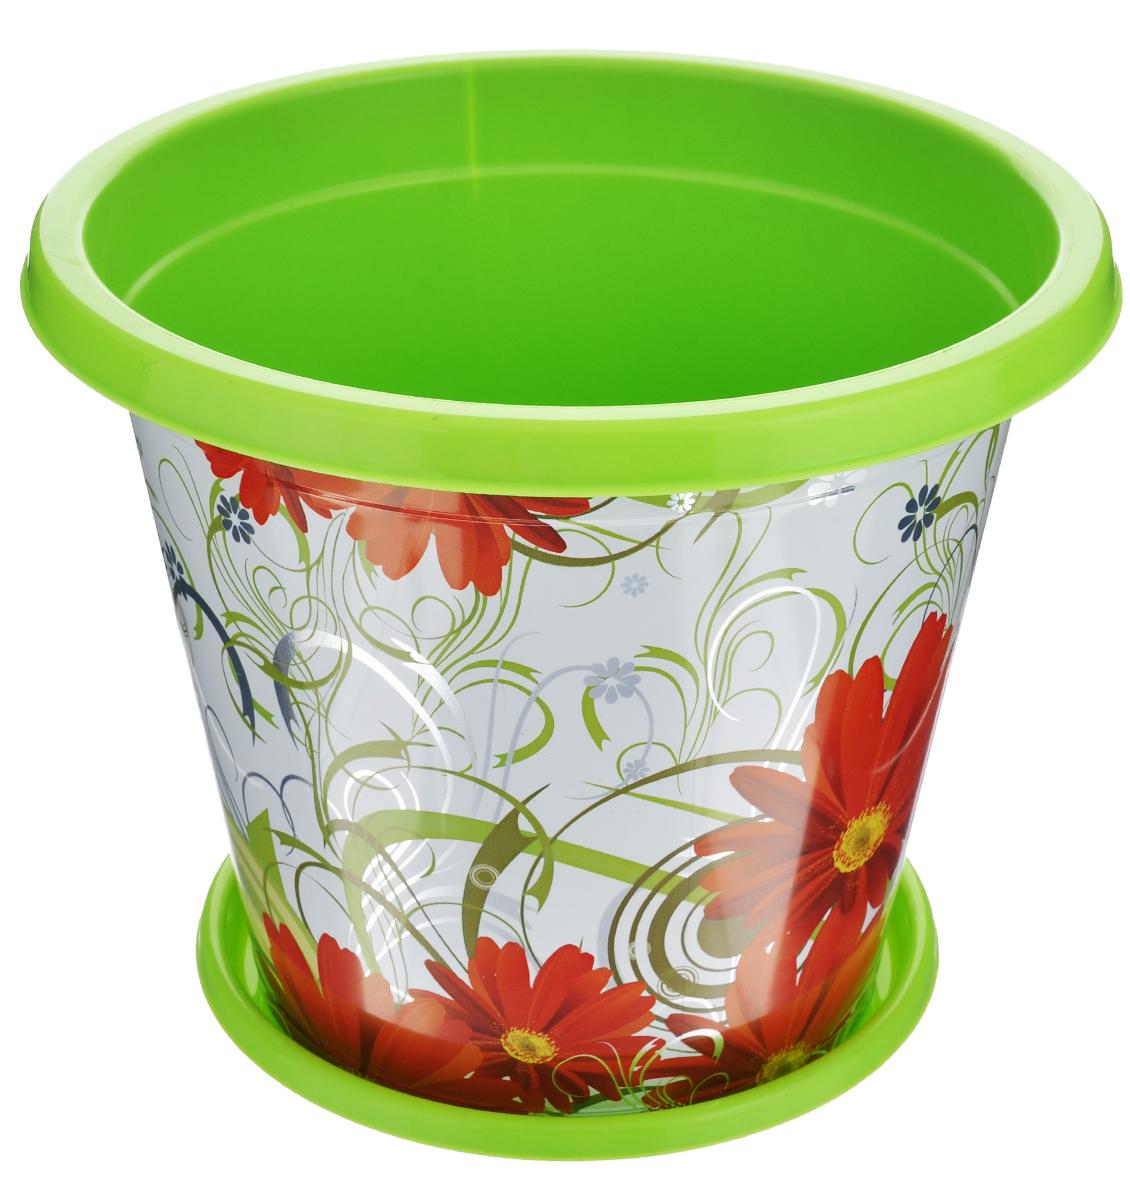 Горшок-кашпо Альтернатива Сюзанна, с поддоном, цвет: салатовый, красный, 3 лМ 3226Горшок-кашпо Альтернатива Сюзанна изготовлен из прочного пластика и оформлен красивым цветочным рисунком. Круглый поддон предназначен для стока воды. Изделие подходит для выращивания растений и цветов в домашних условиях. Такой горшок порадует вас изысканным дизайном и функциональностью, а также оригинально украсит интерьер помещения. Диаметр горшка по верхнему краю: 21 см. Высота горшка: 17 см. Диаметр поддона: 15,5 см. Объем горшка: 3 л.